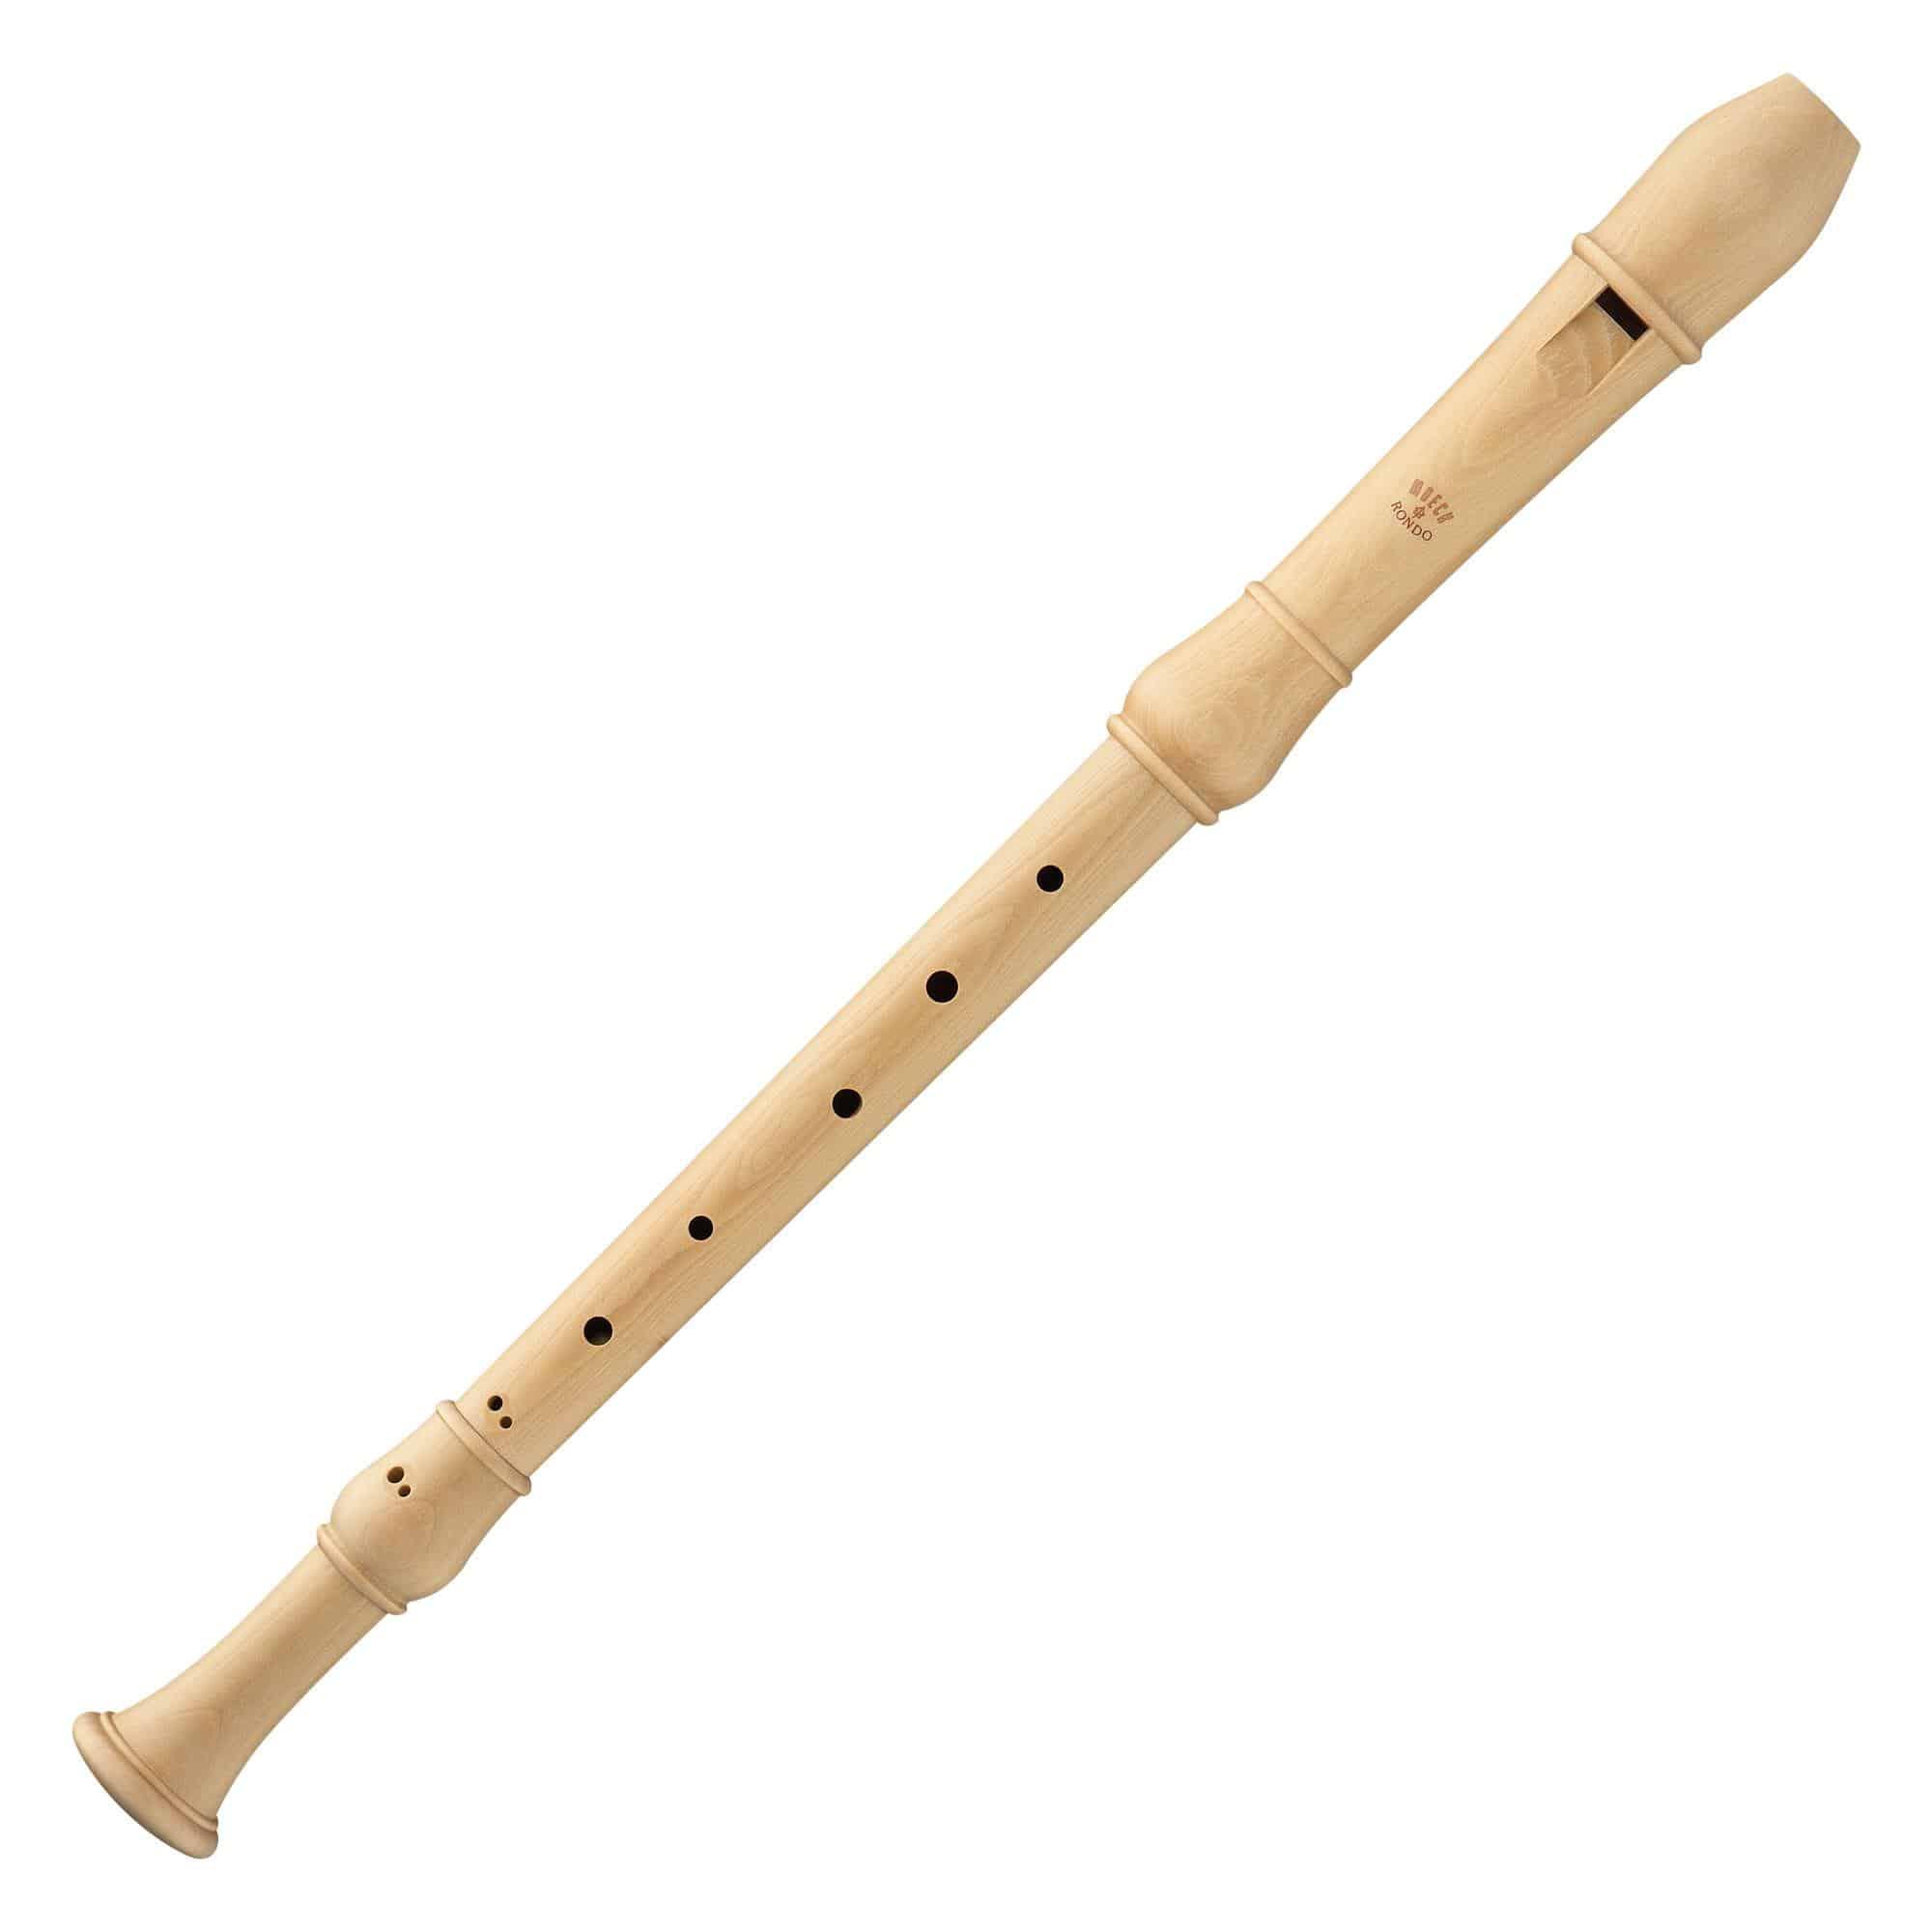 Sonstigeblasinstrumente - Moeck 2400 Tenor Flauto Rondo Barock Ahorn - Onlineshop Musikhaus Kirstein